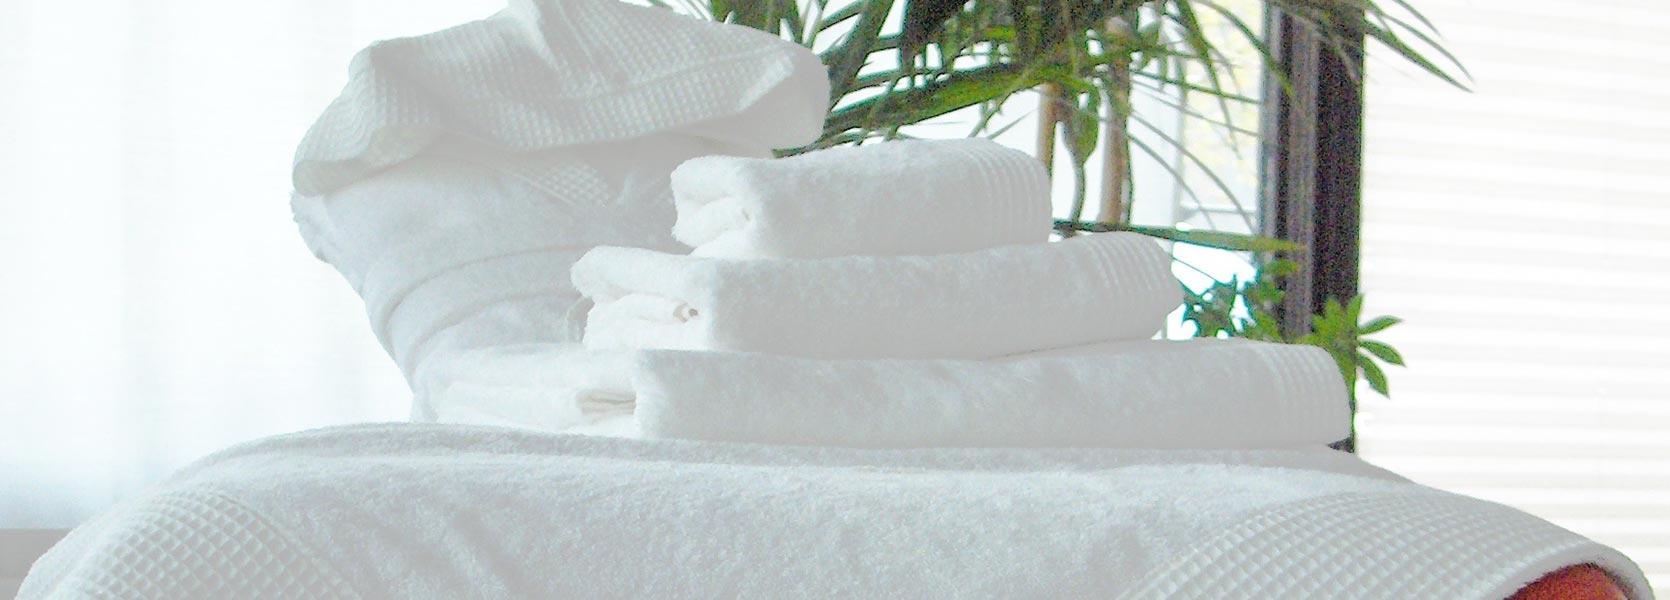 Set di asciugamani in spugna con bordo in nido d'ape